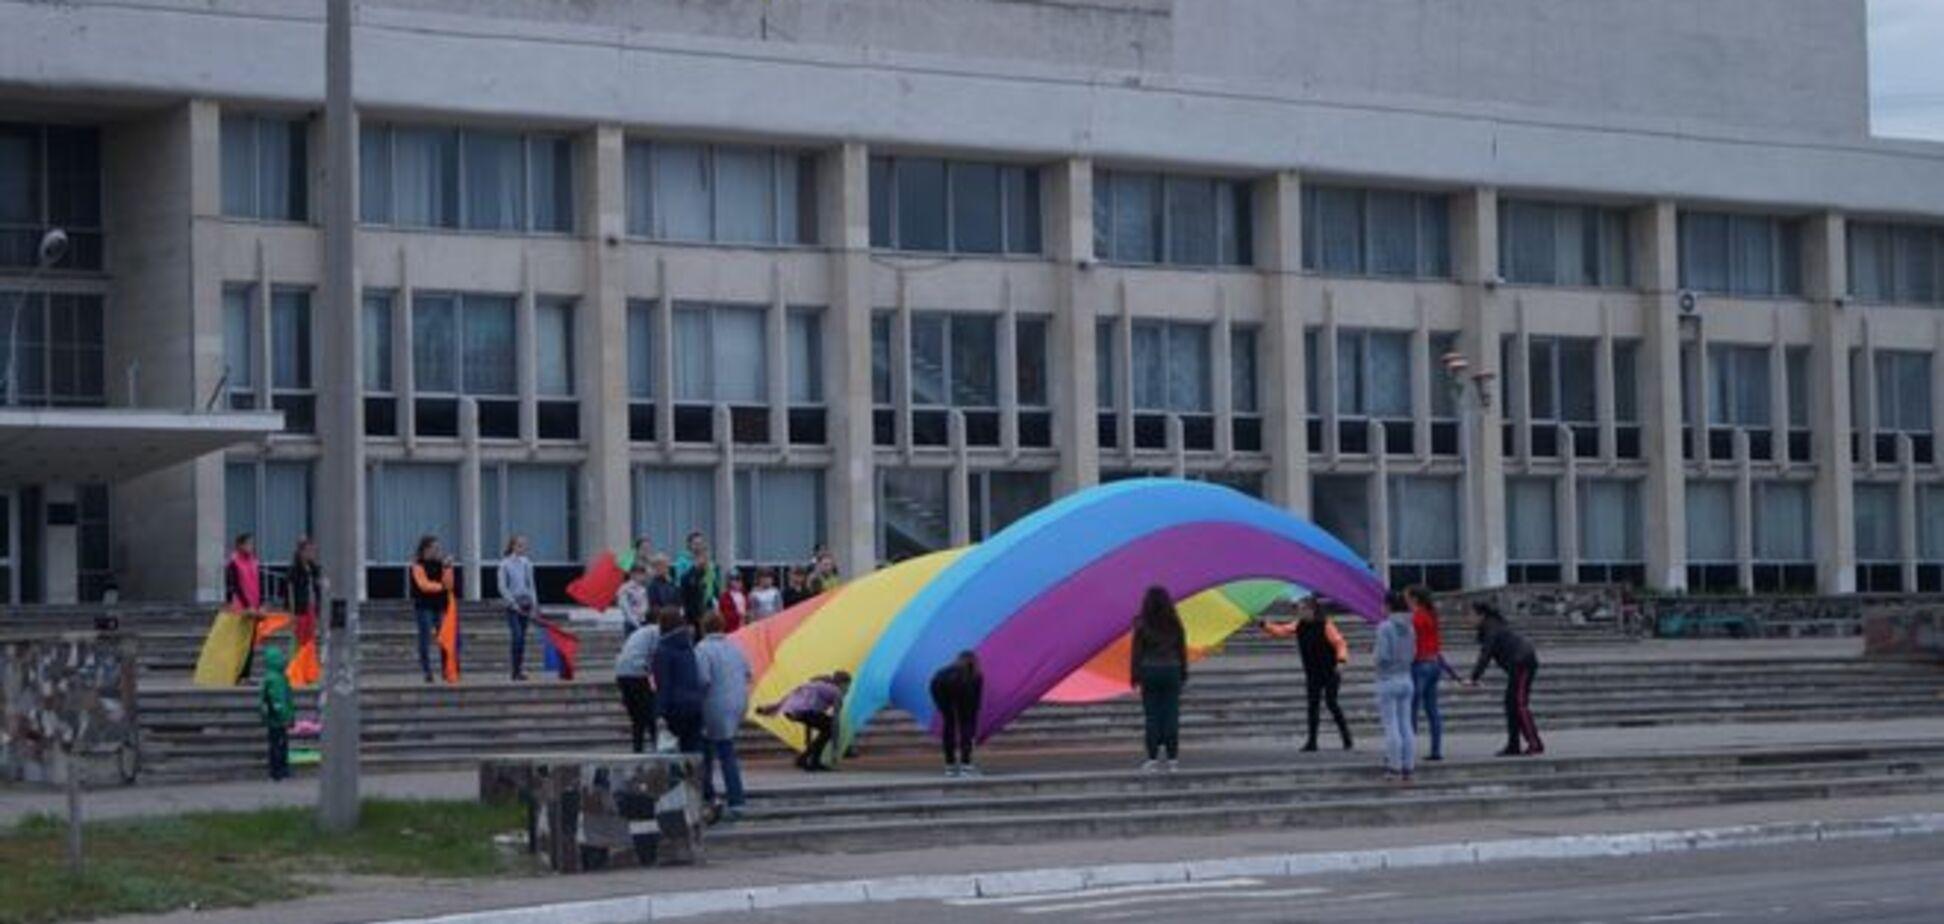 На Луганщине репетицию к 9 мая приняли за подготовку к гей-параду: фотофакт